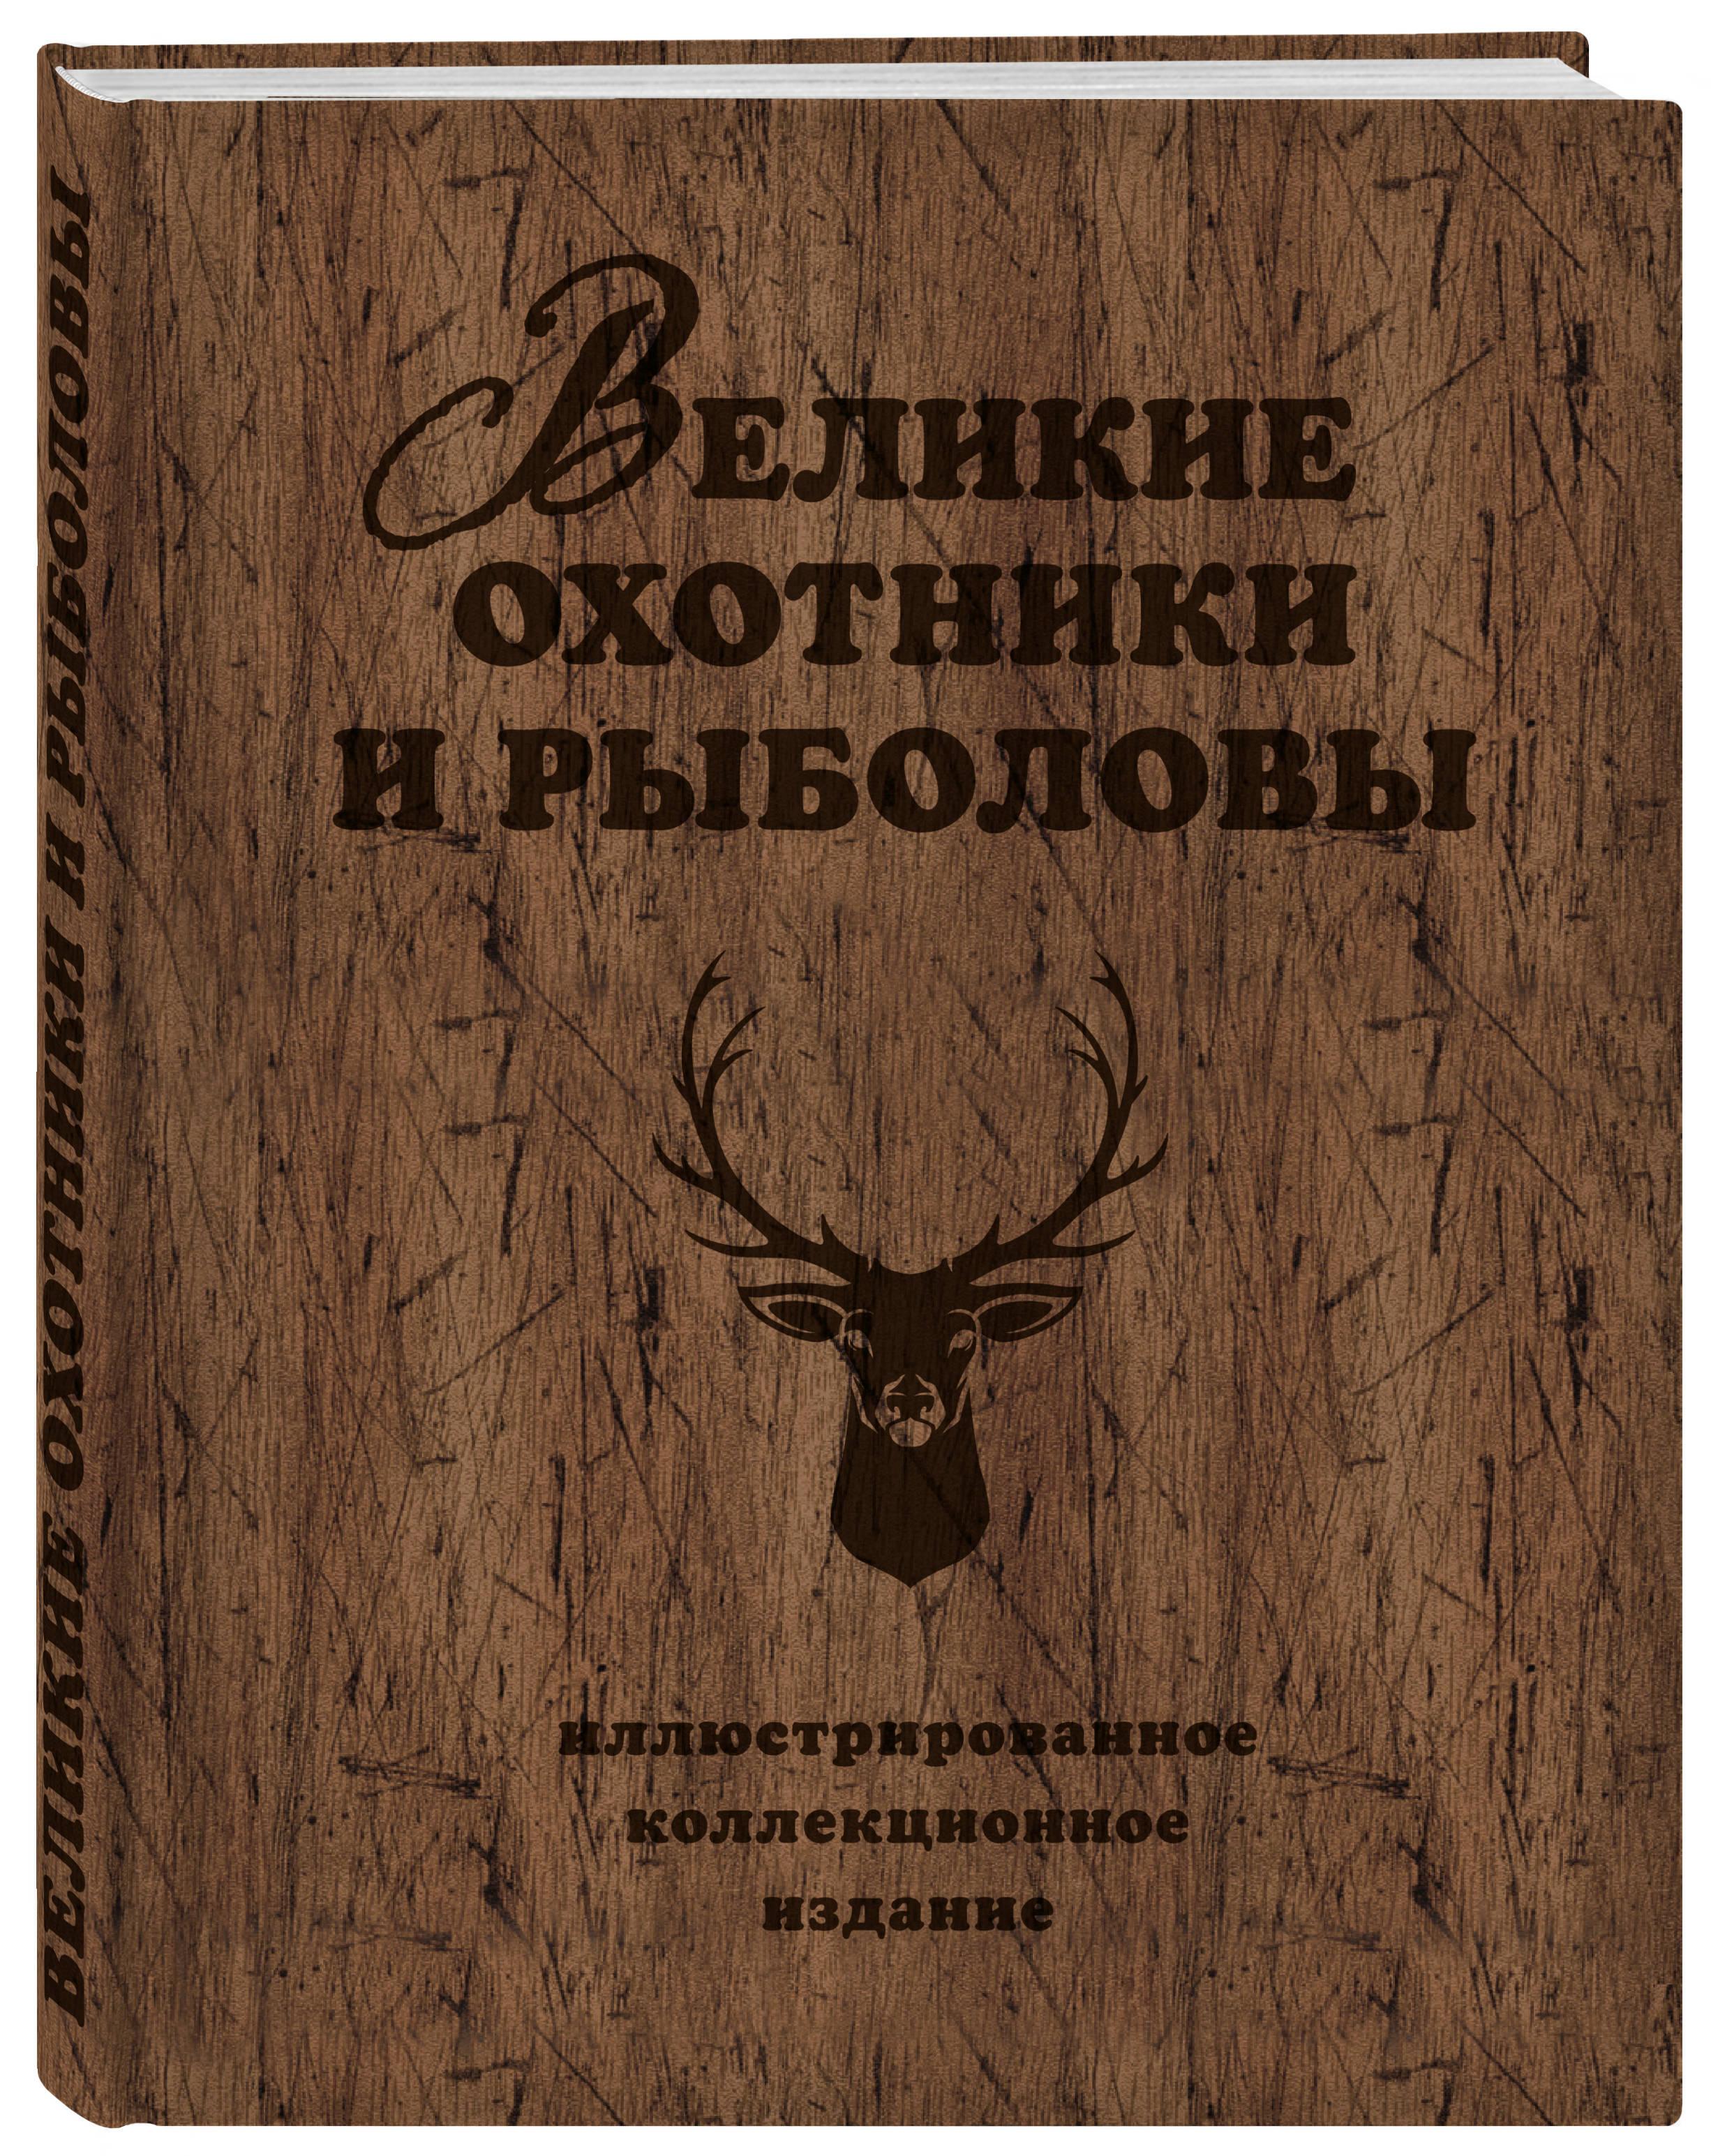 Великие охотники и рыболовы. Иллюстрированное коллекционное издание ( Очеретний А.Д.  )